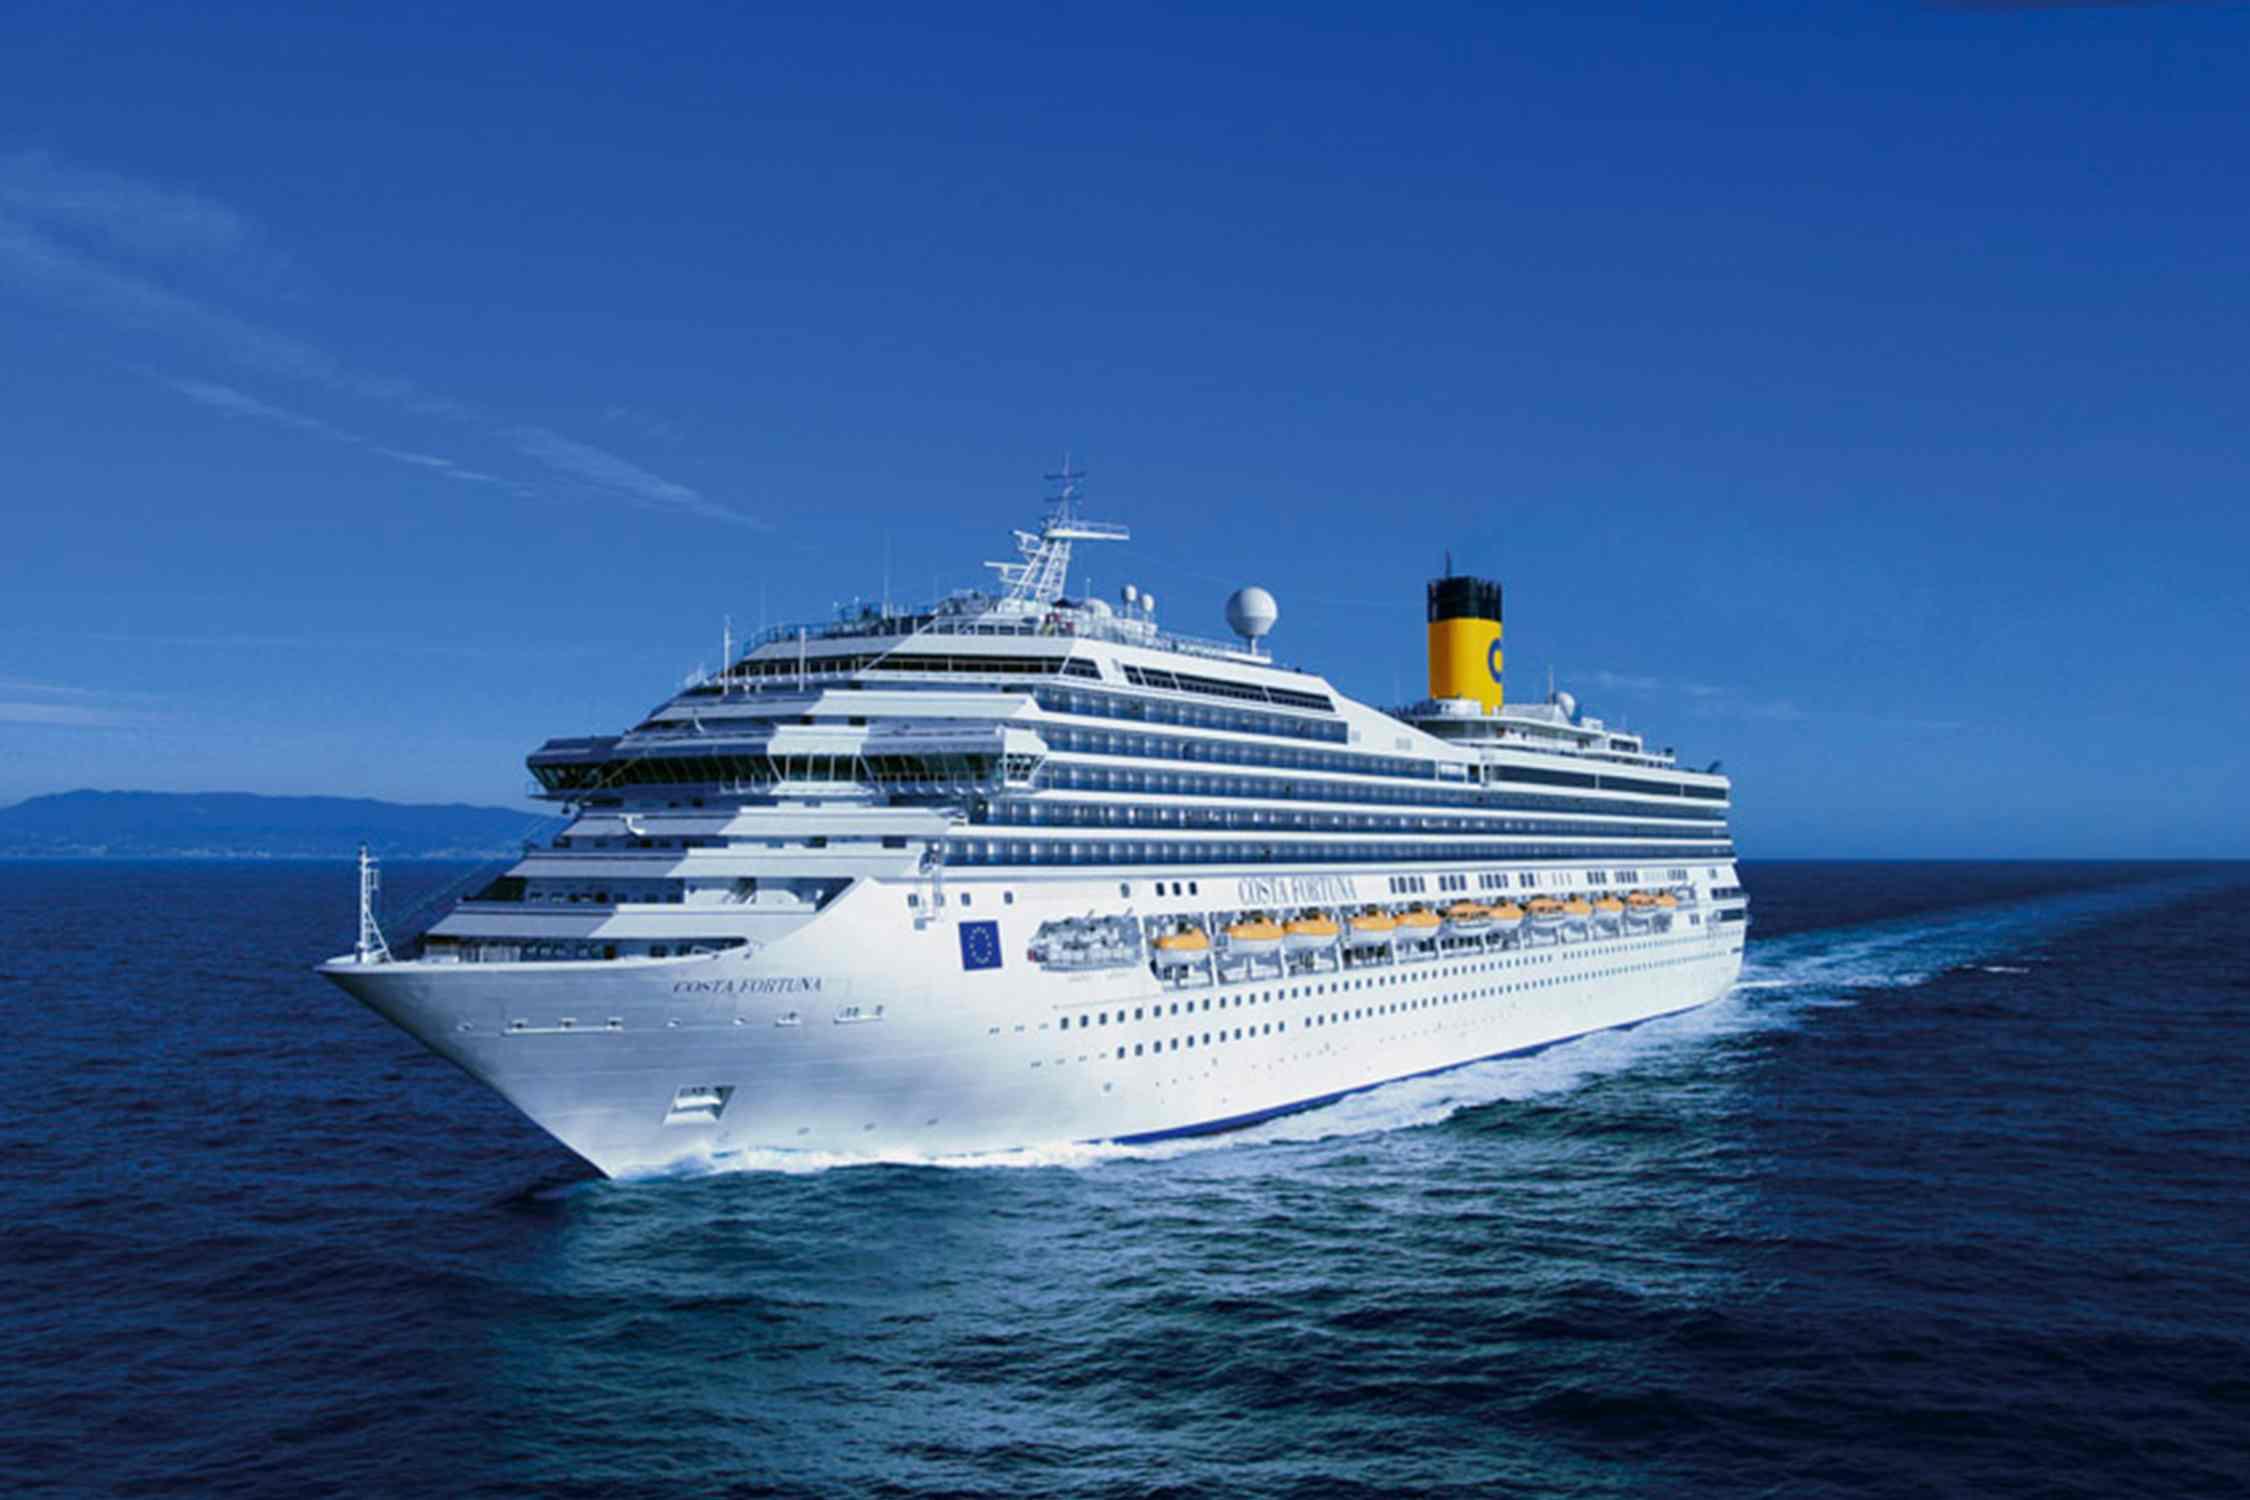 ทัวร์ล่องเรือสำราญ แหลมฉบัง – สีหนุวิลล์ – เกาะฟูก๊วก – เกาะสมุย – แหลมฉบัง 5 วัน 4 คืน